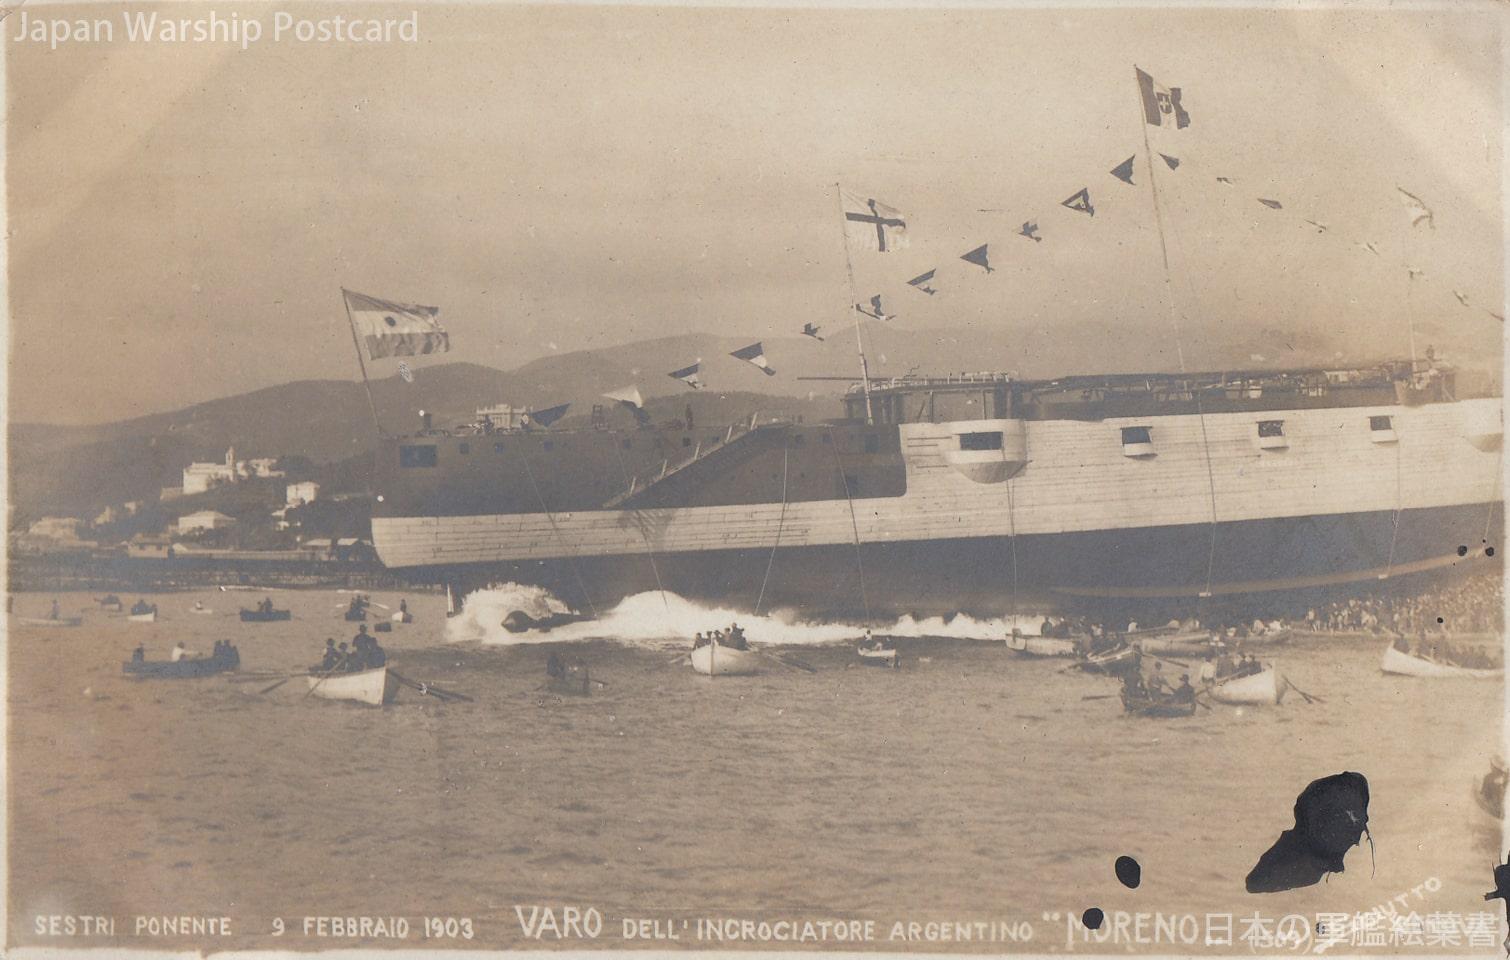 モレノ(ガリバルディ級装甲巡洋艦)